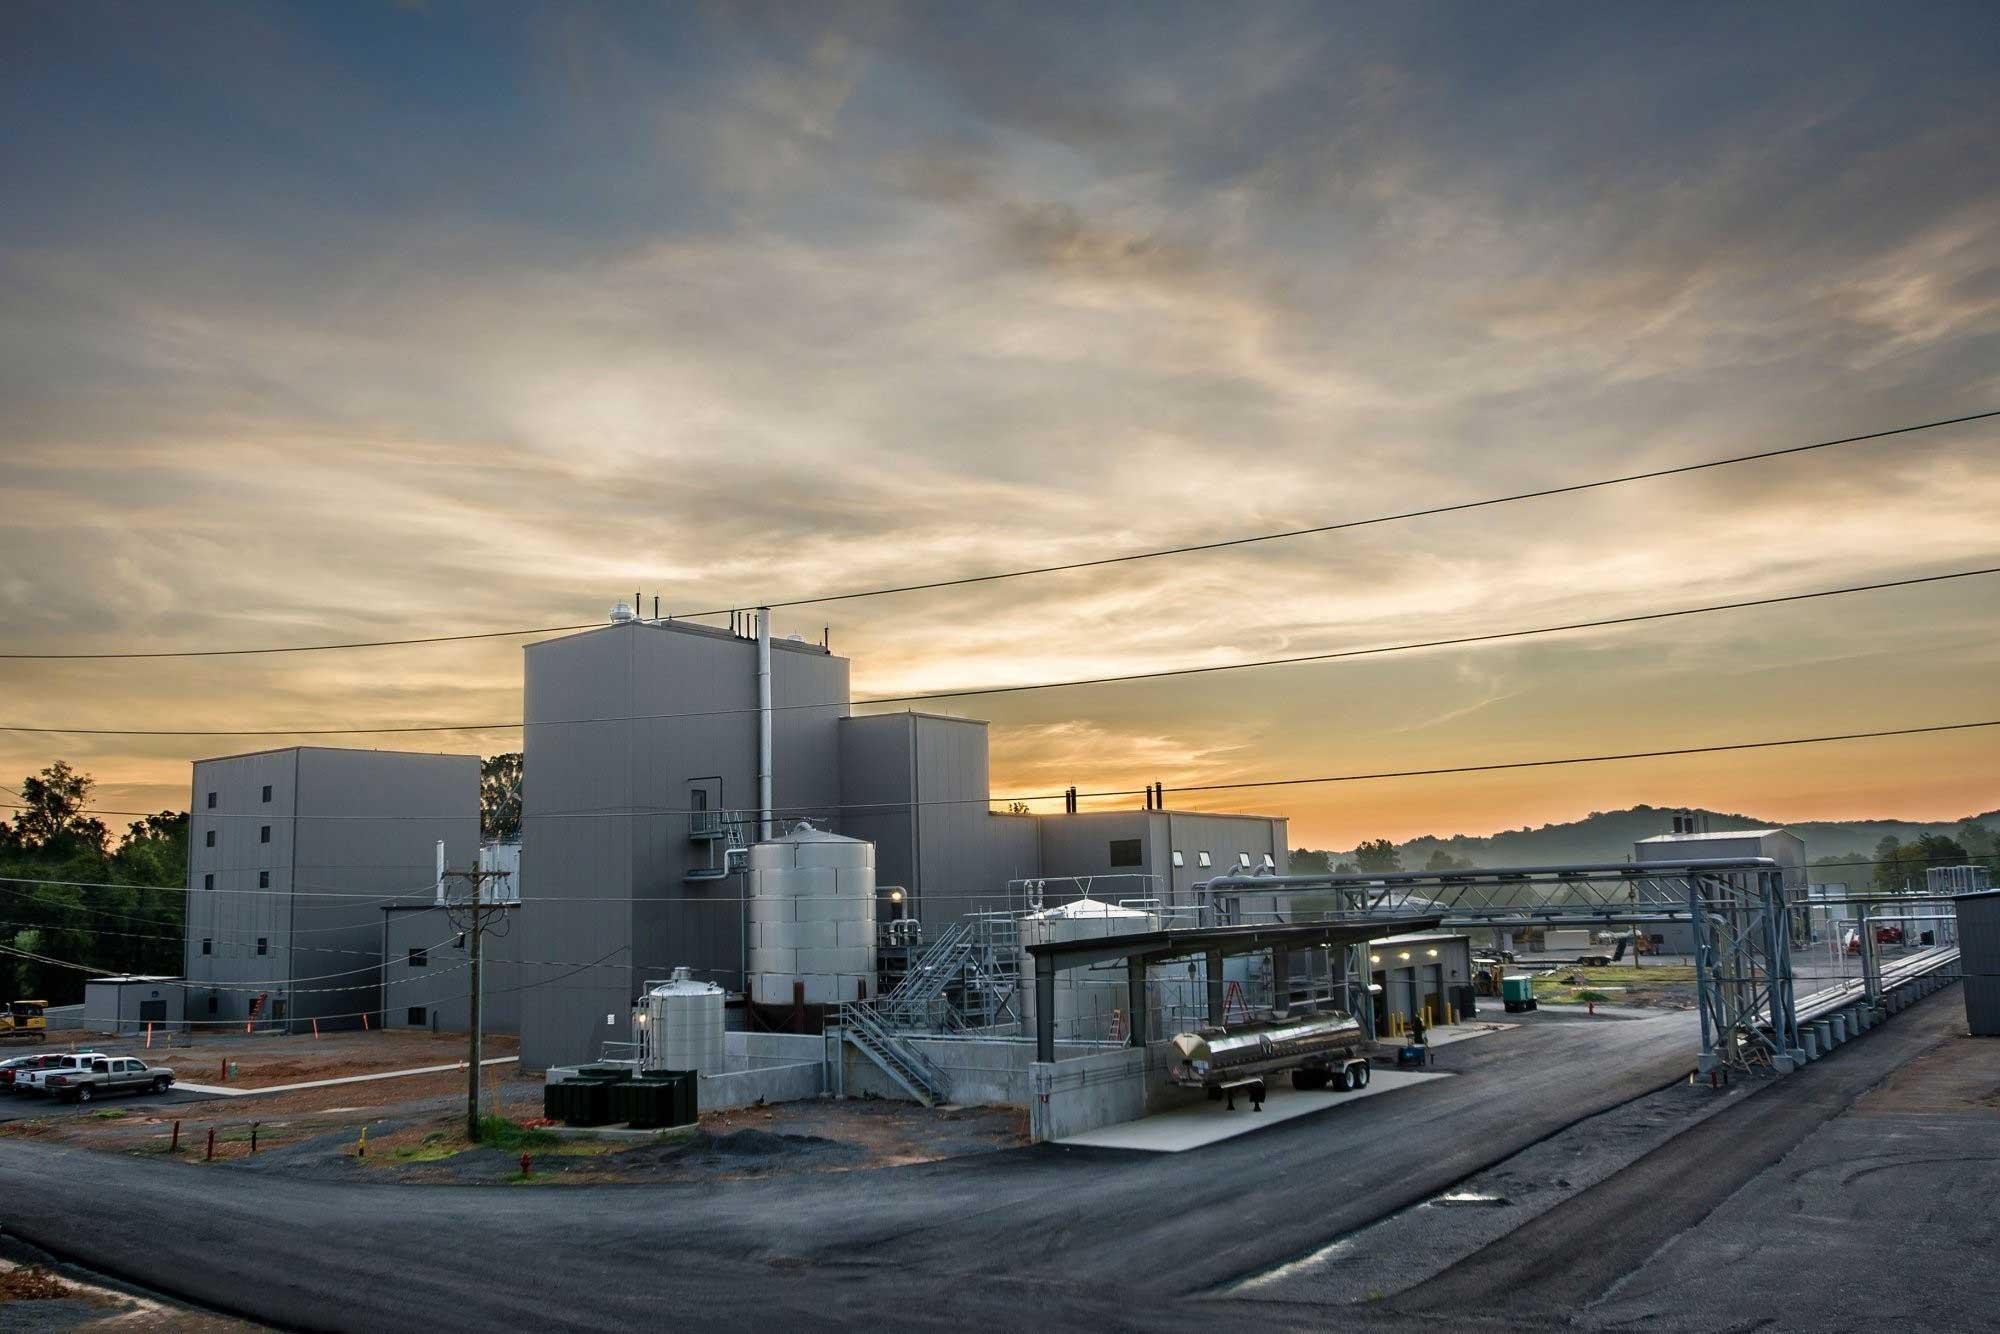 jack-daniels-distillery-campus-exterior